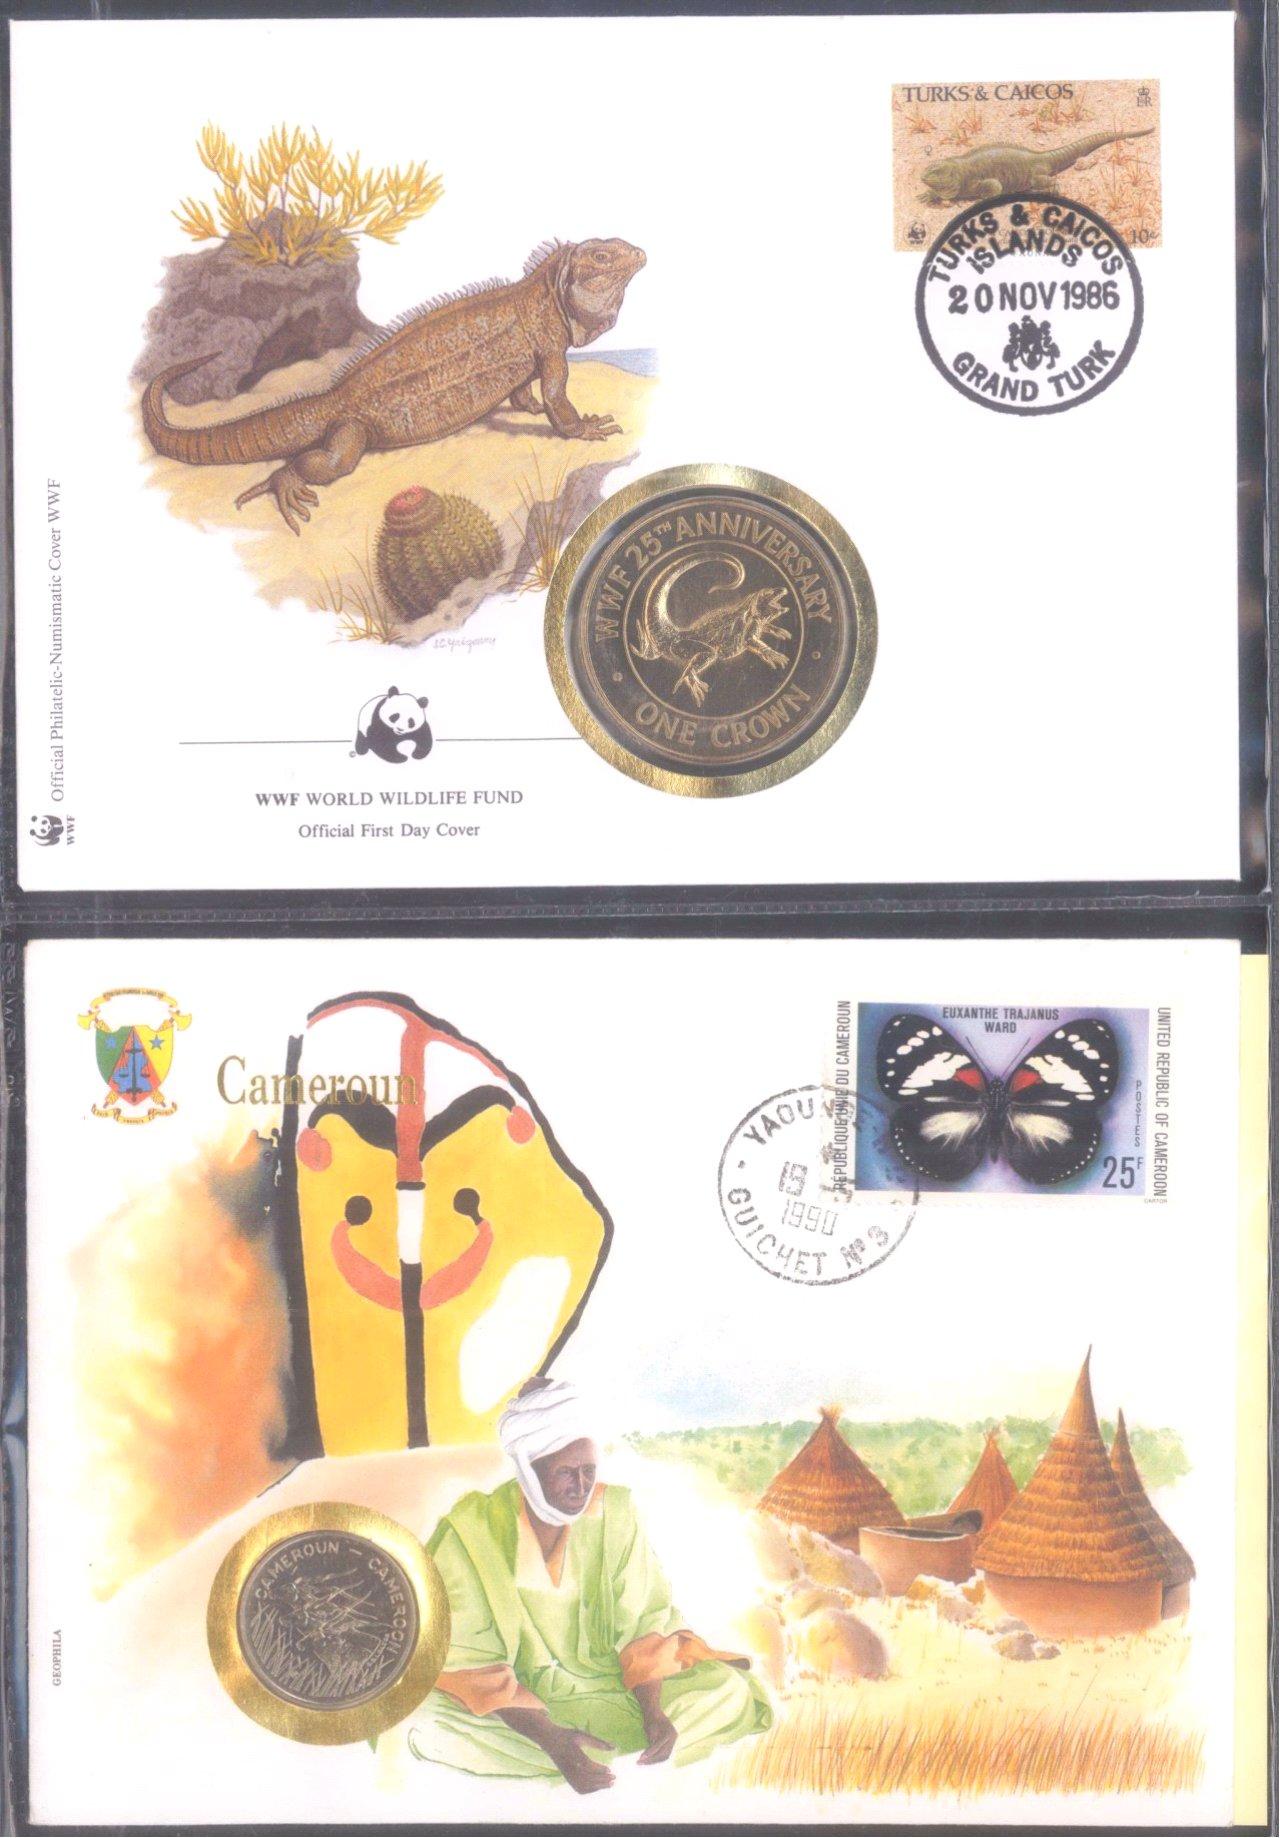 Sammlung Numisbriefe-1